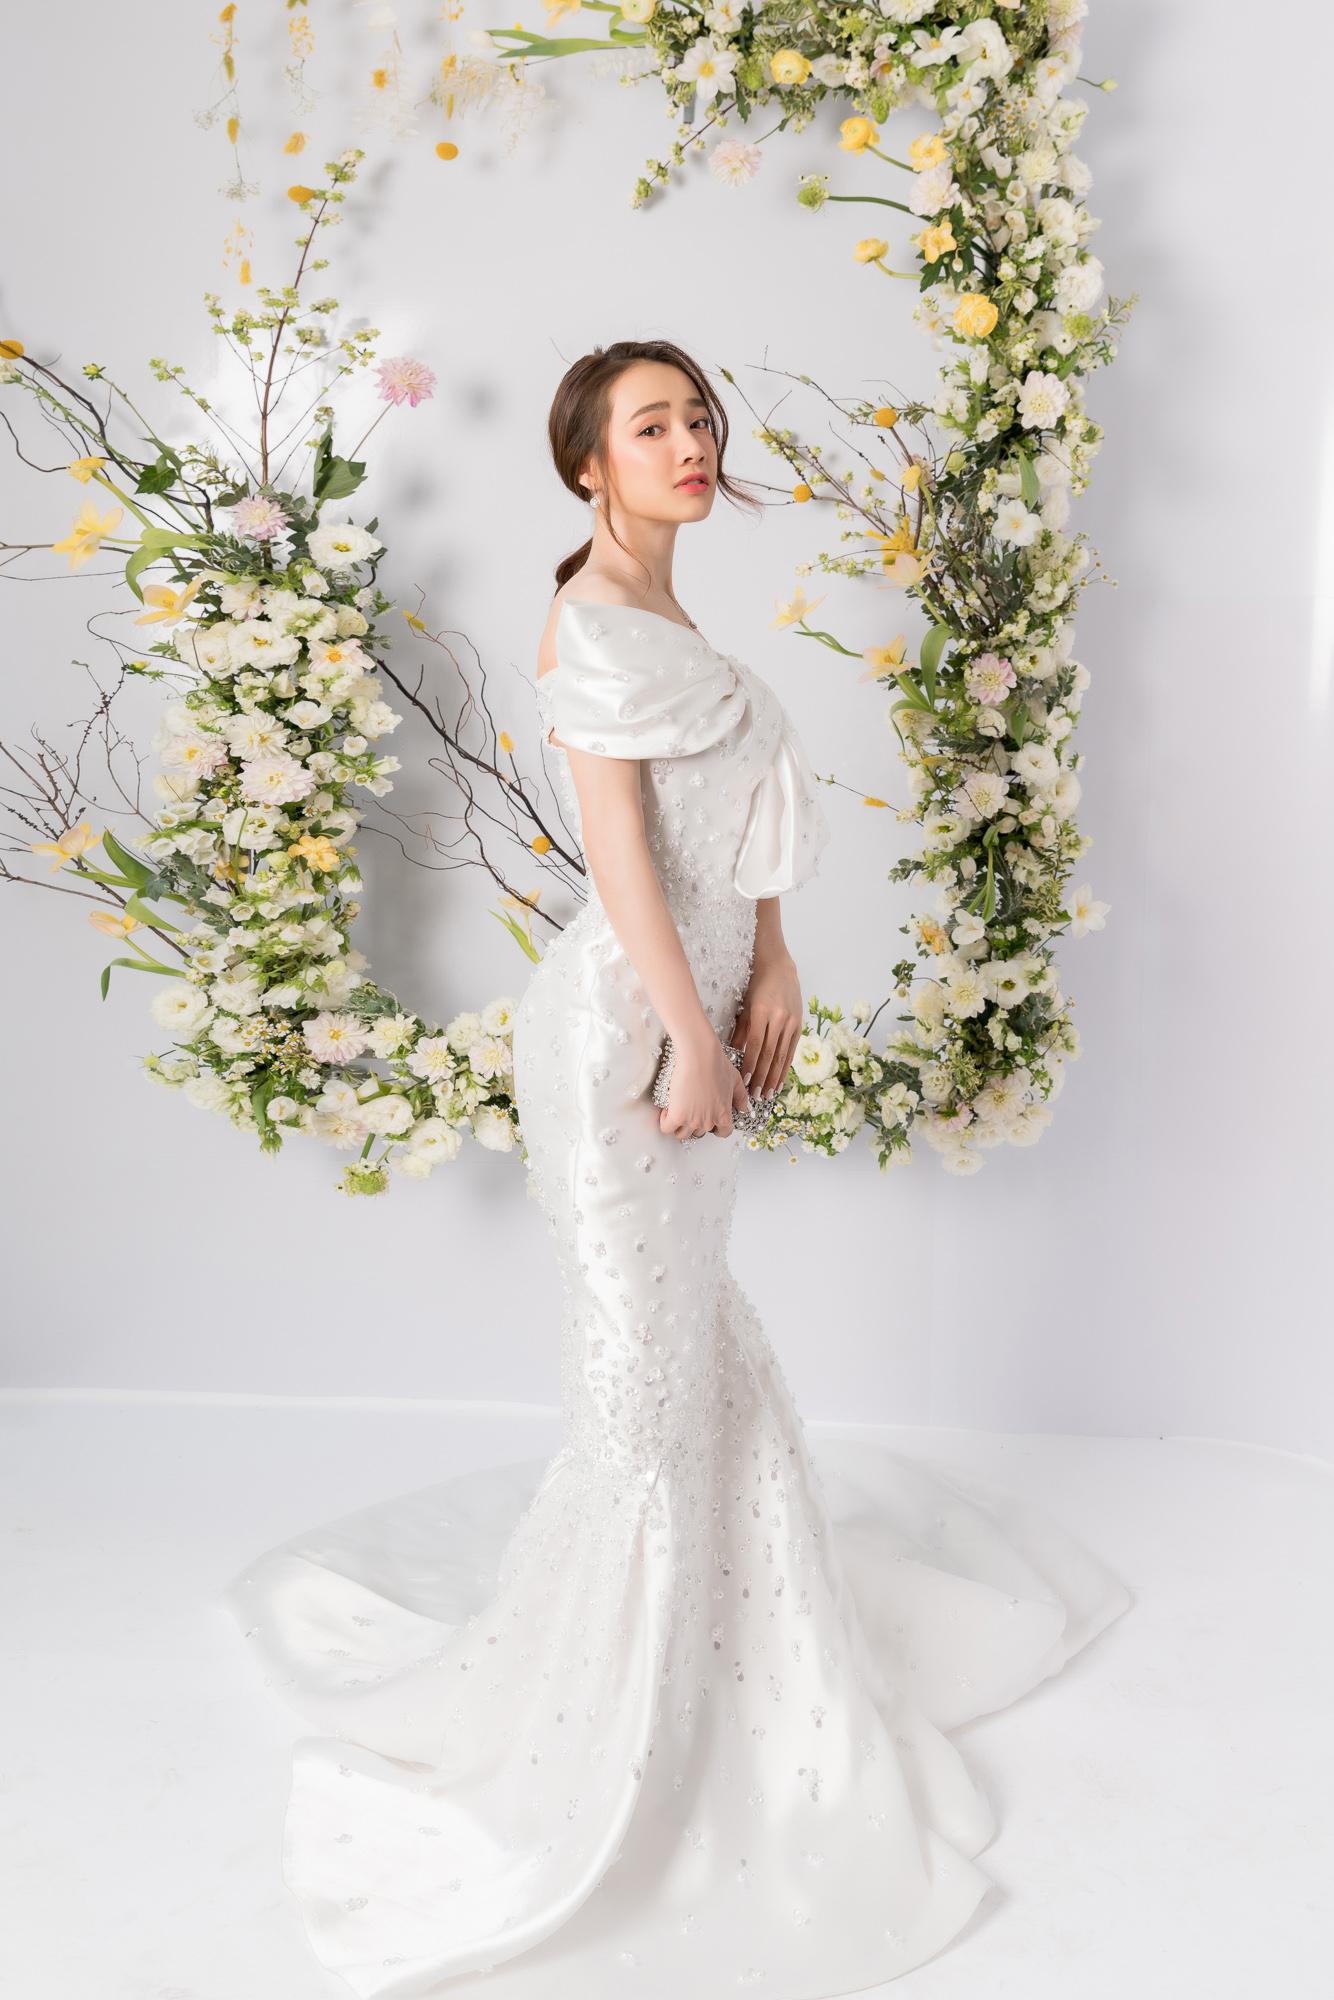 Nhã Phương, H'Hen Niê, Đỗ Mỹ Linh cùng khoe dáng với váy cưới - Ảnh 1